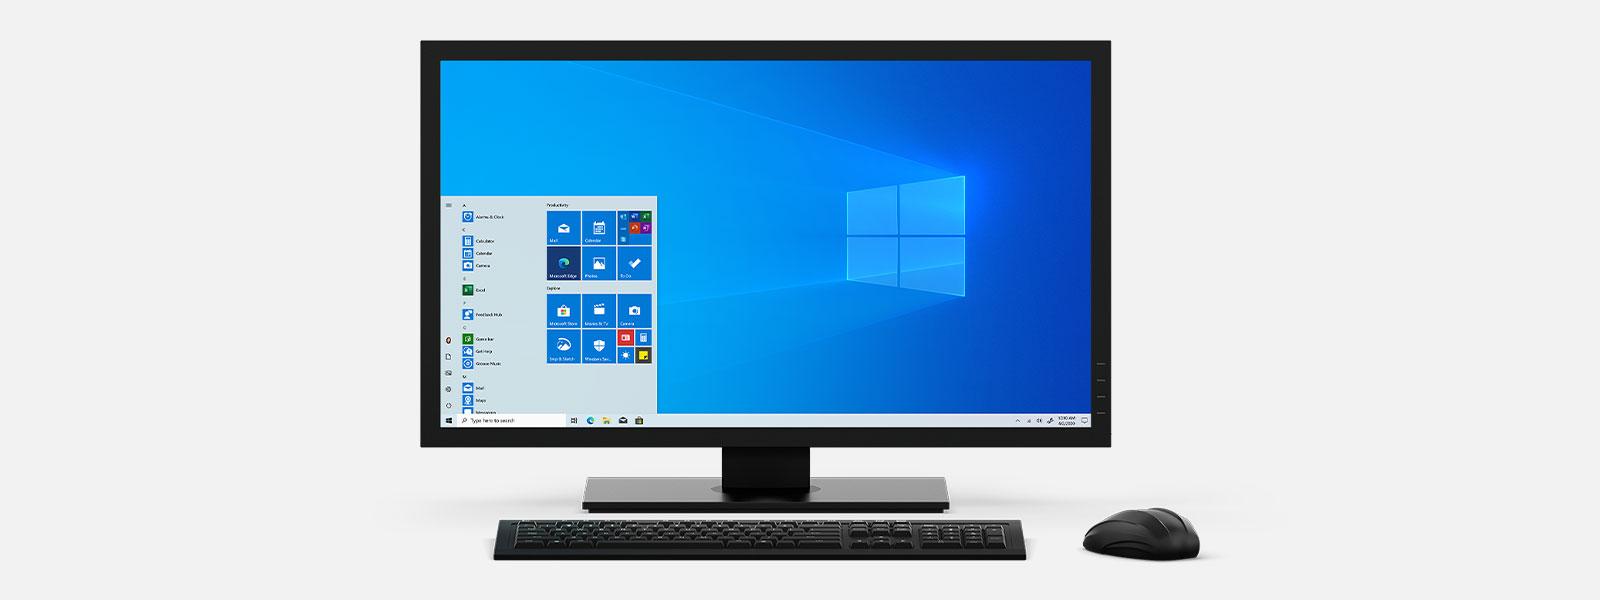 Sammlung von Desktop- und All-in-One-Geräten mit Windows 10